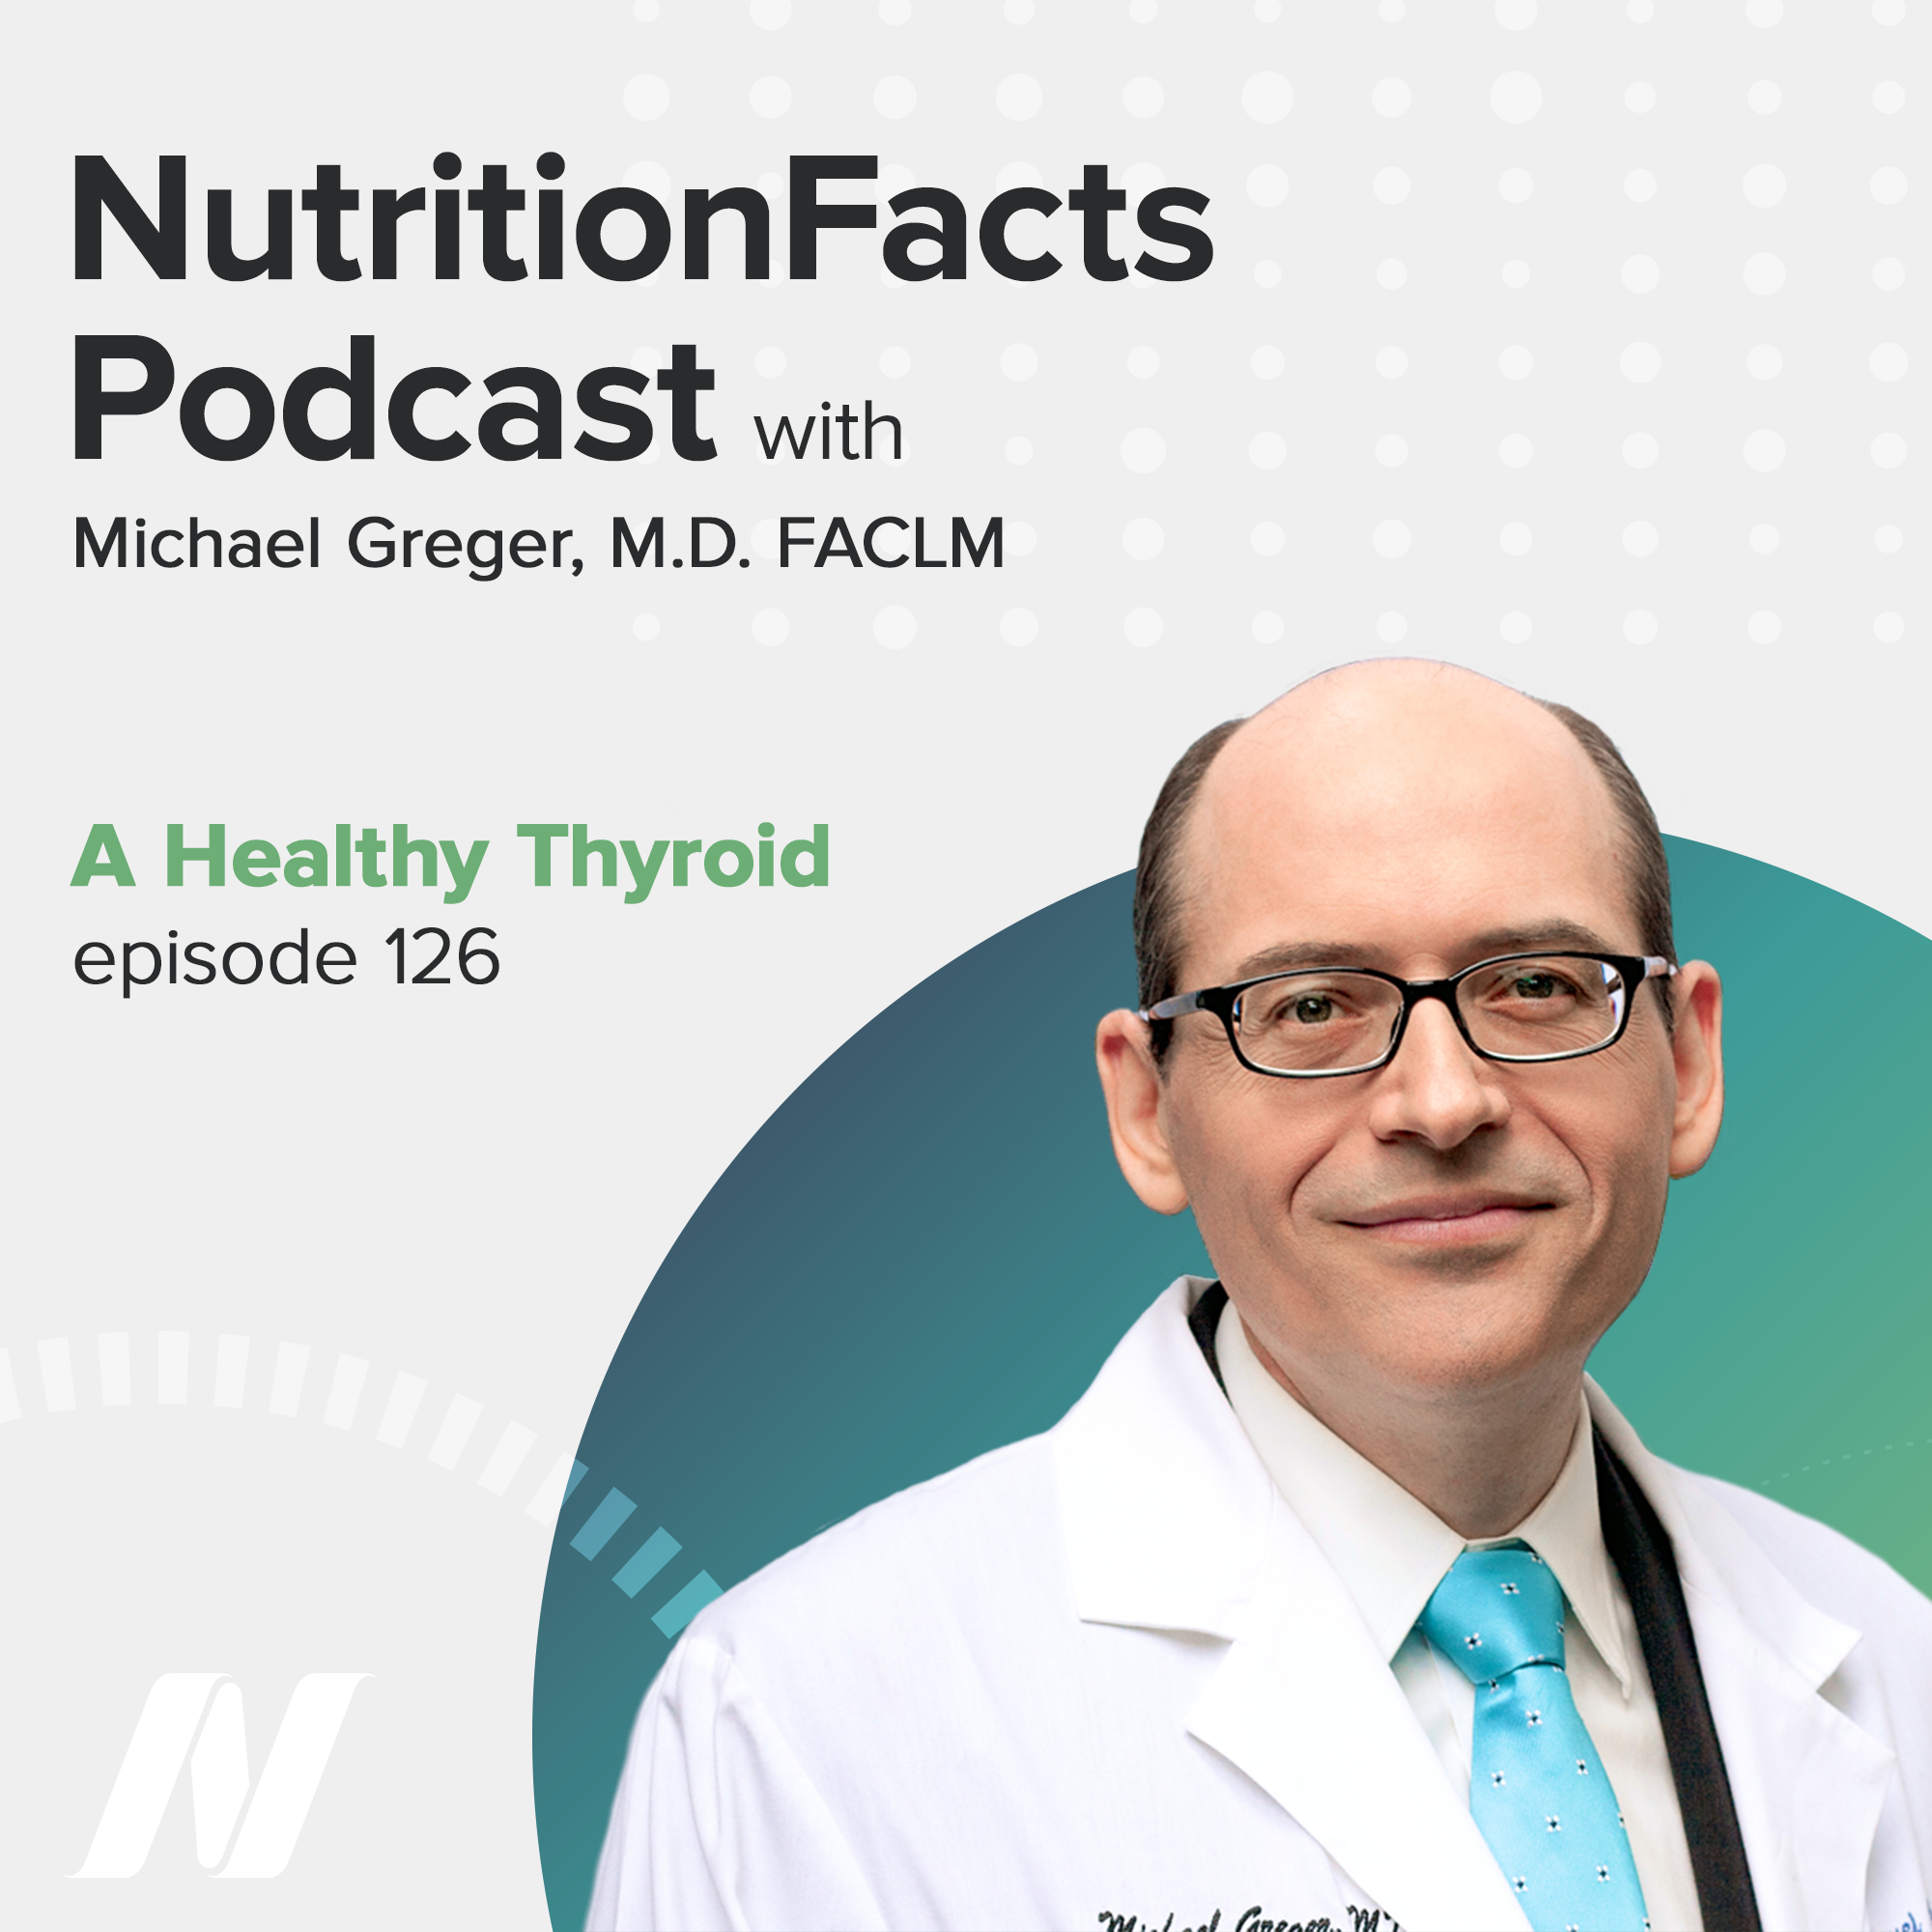 A healthy thyroid